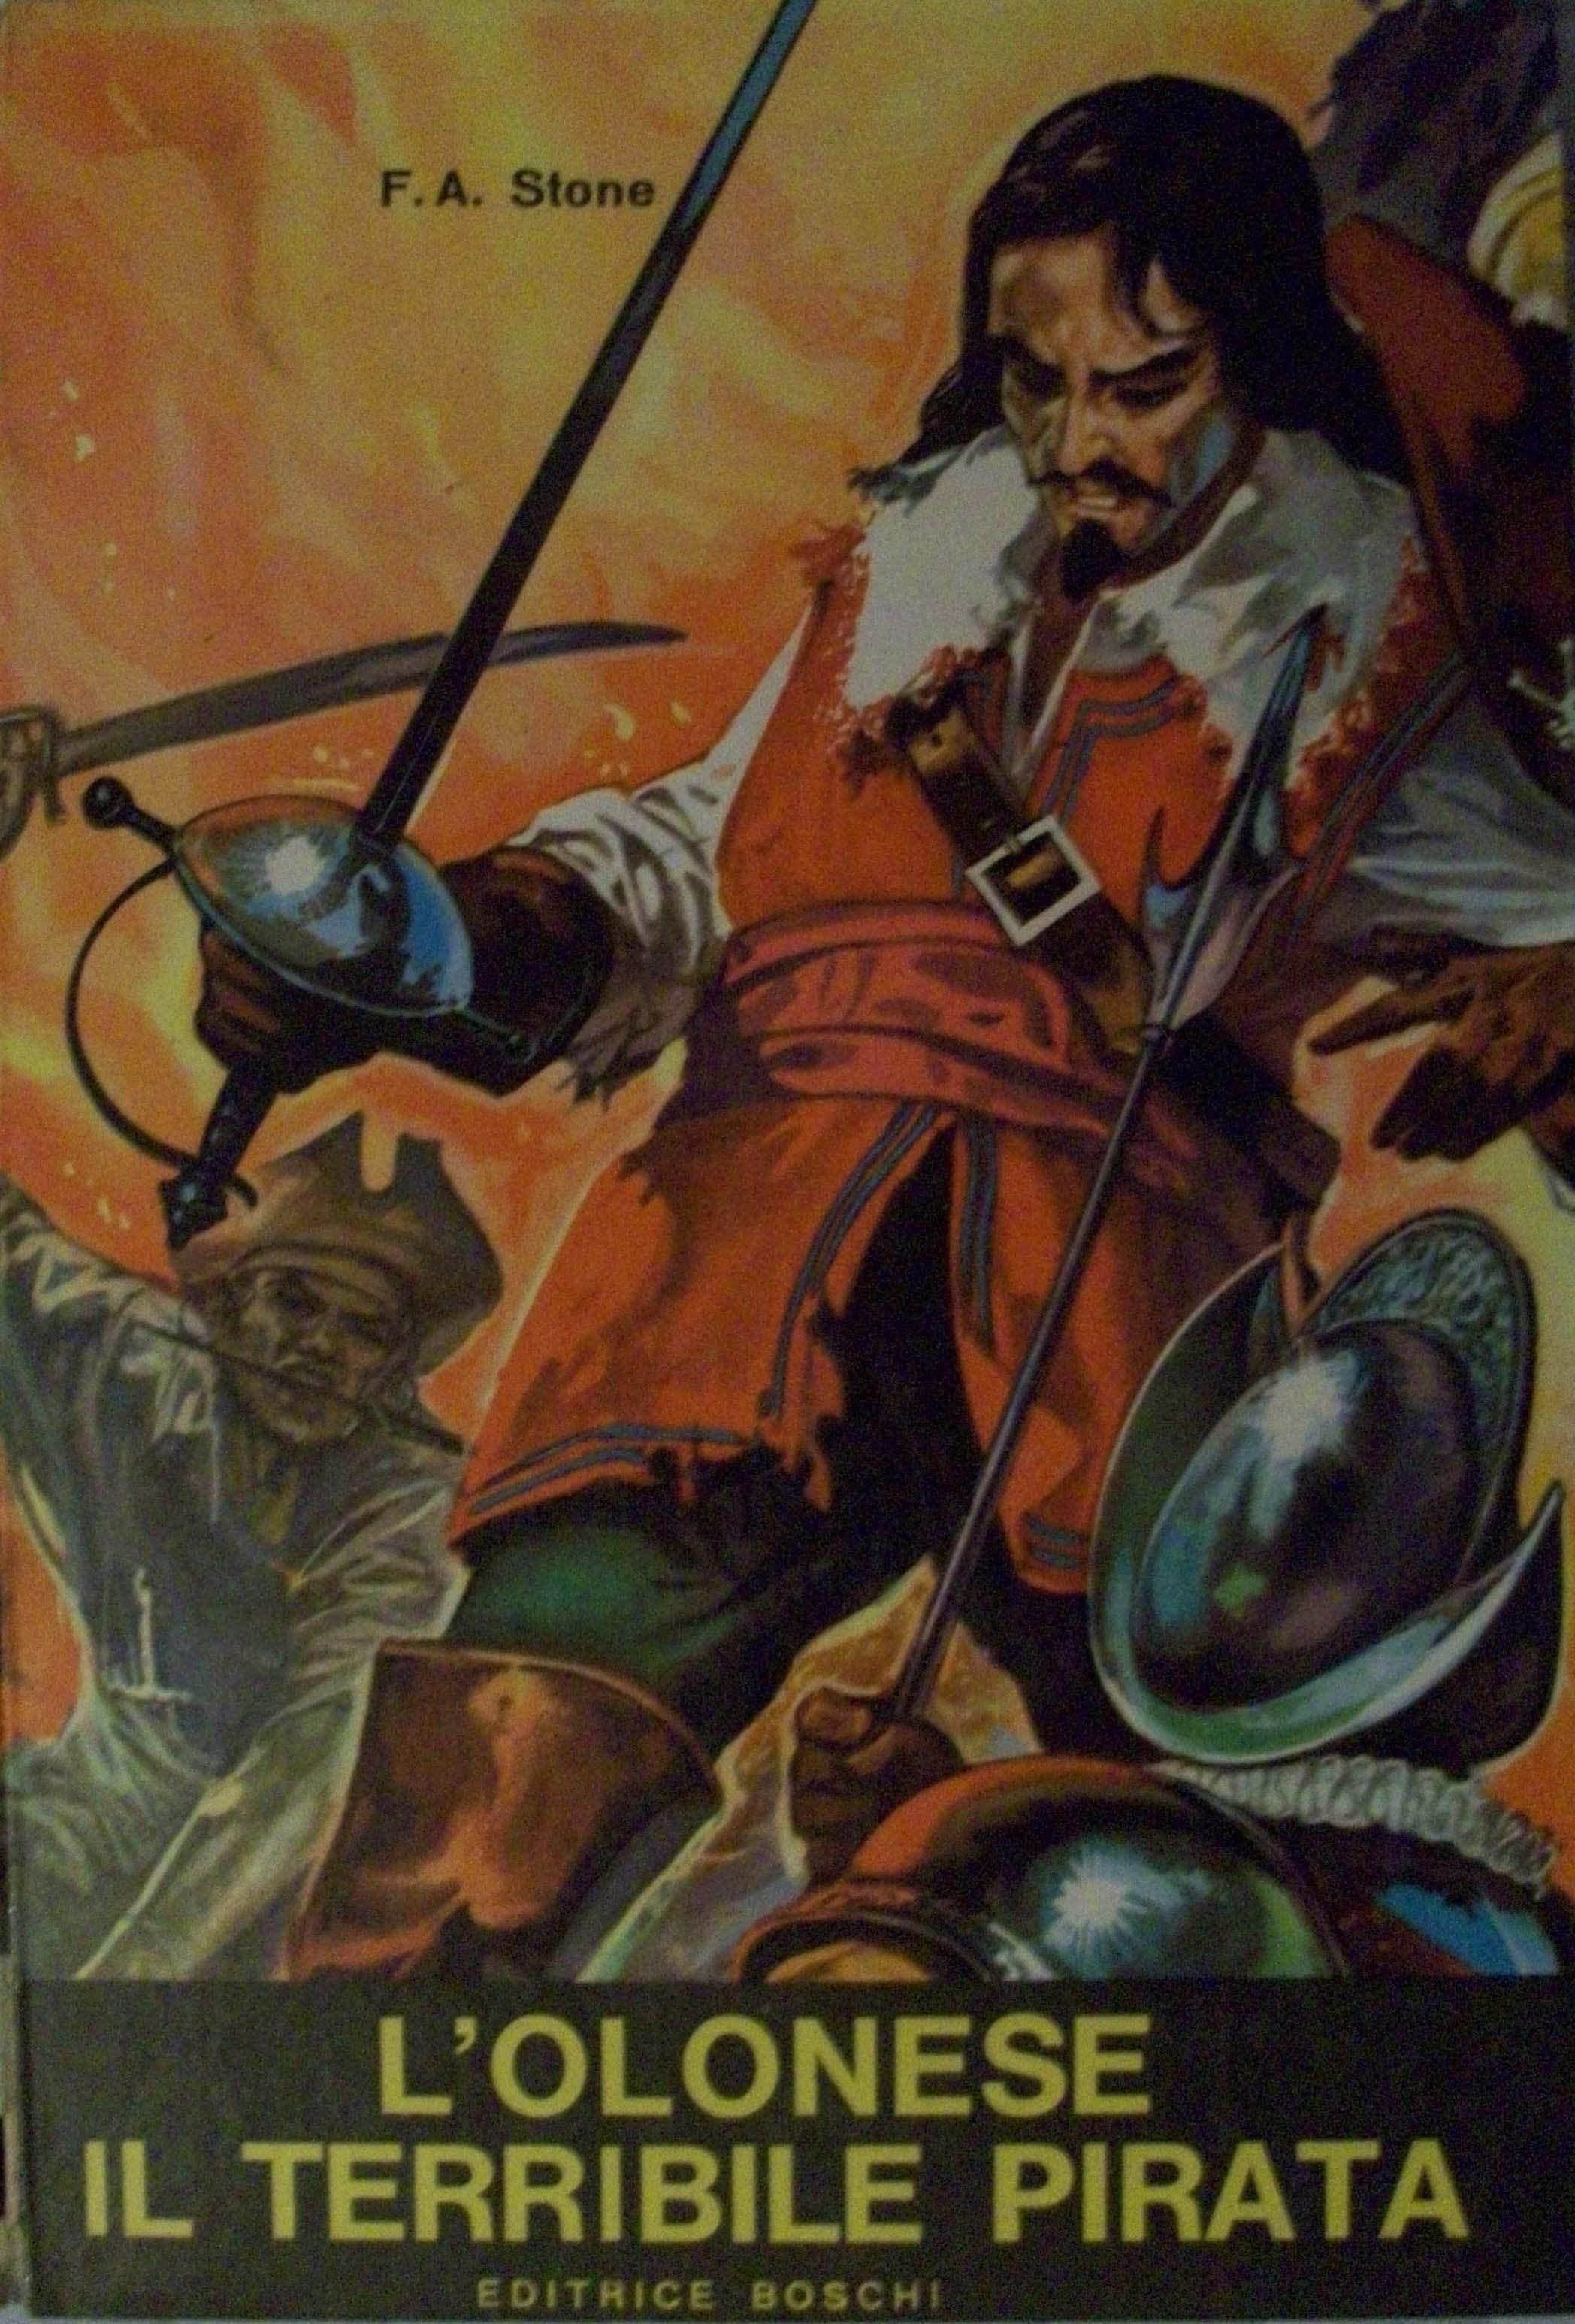 L'Olonese, il terribile pirata